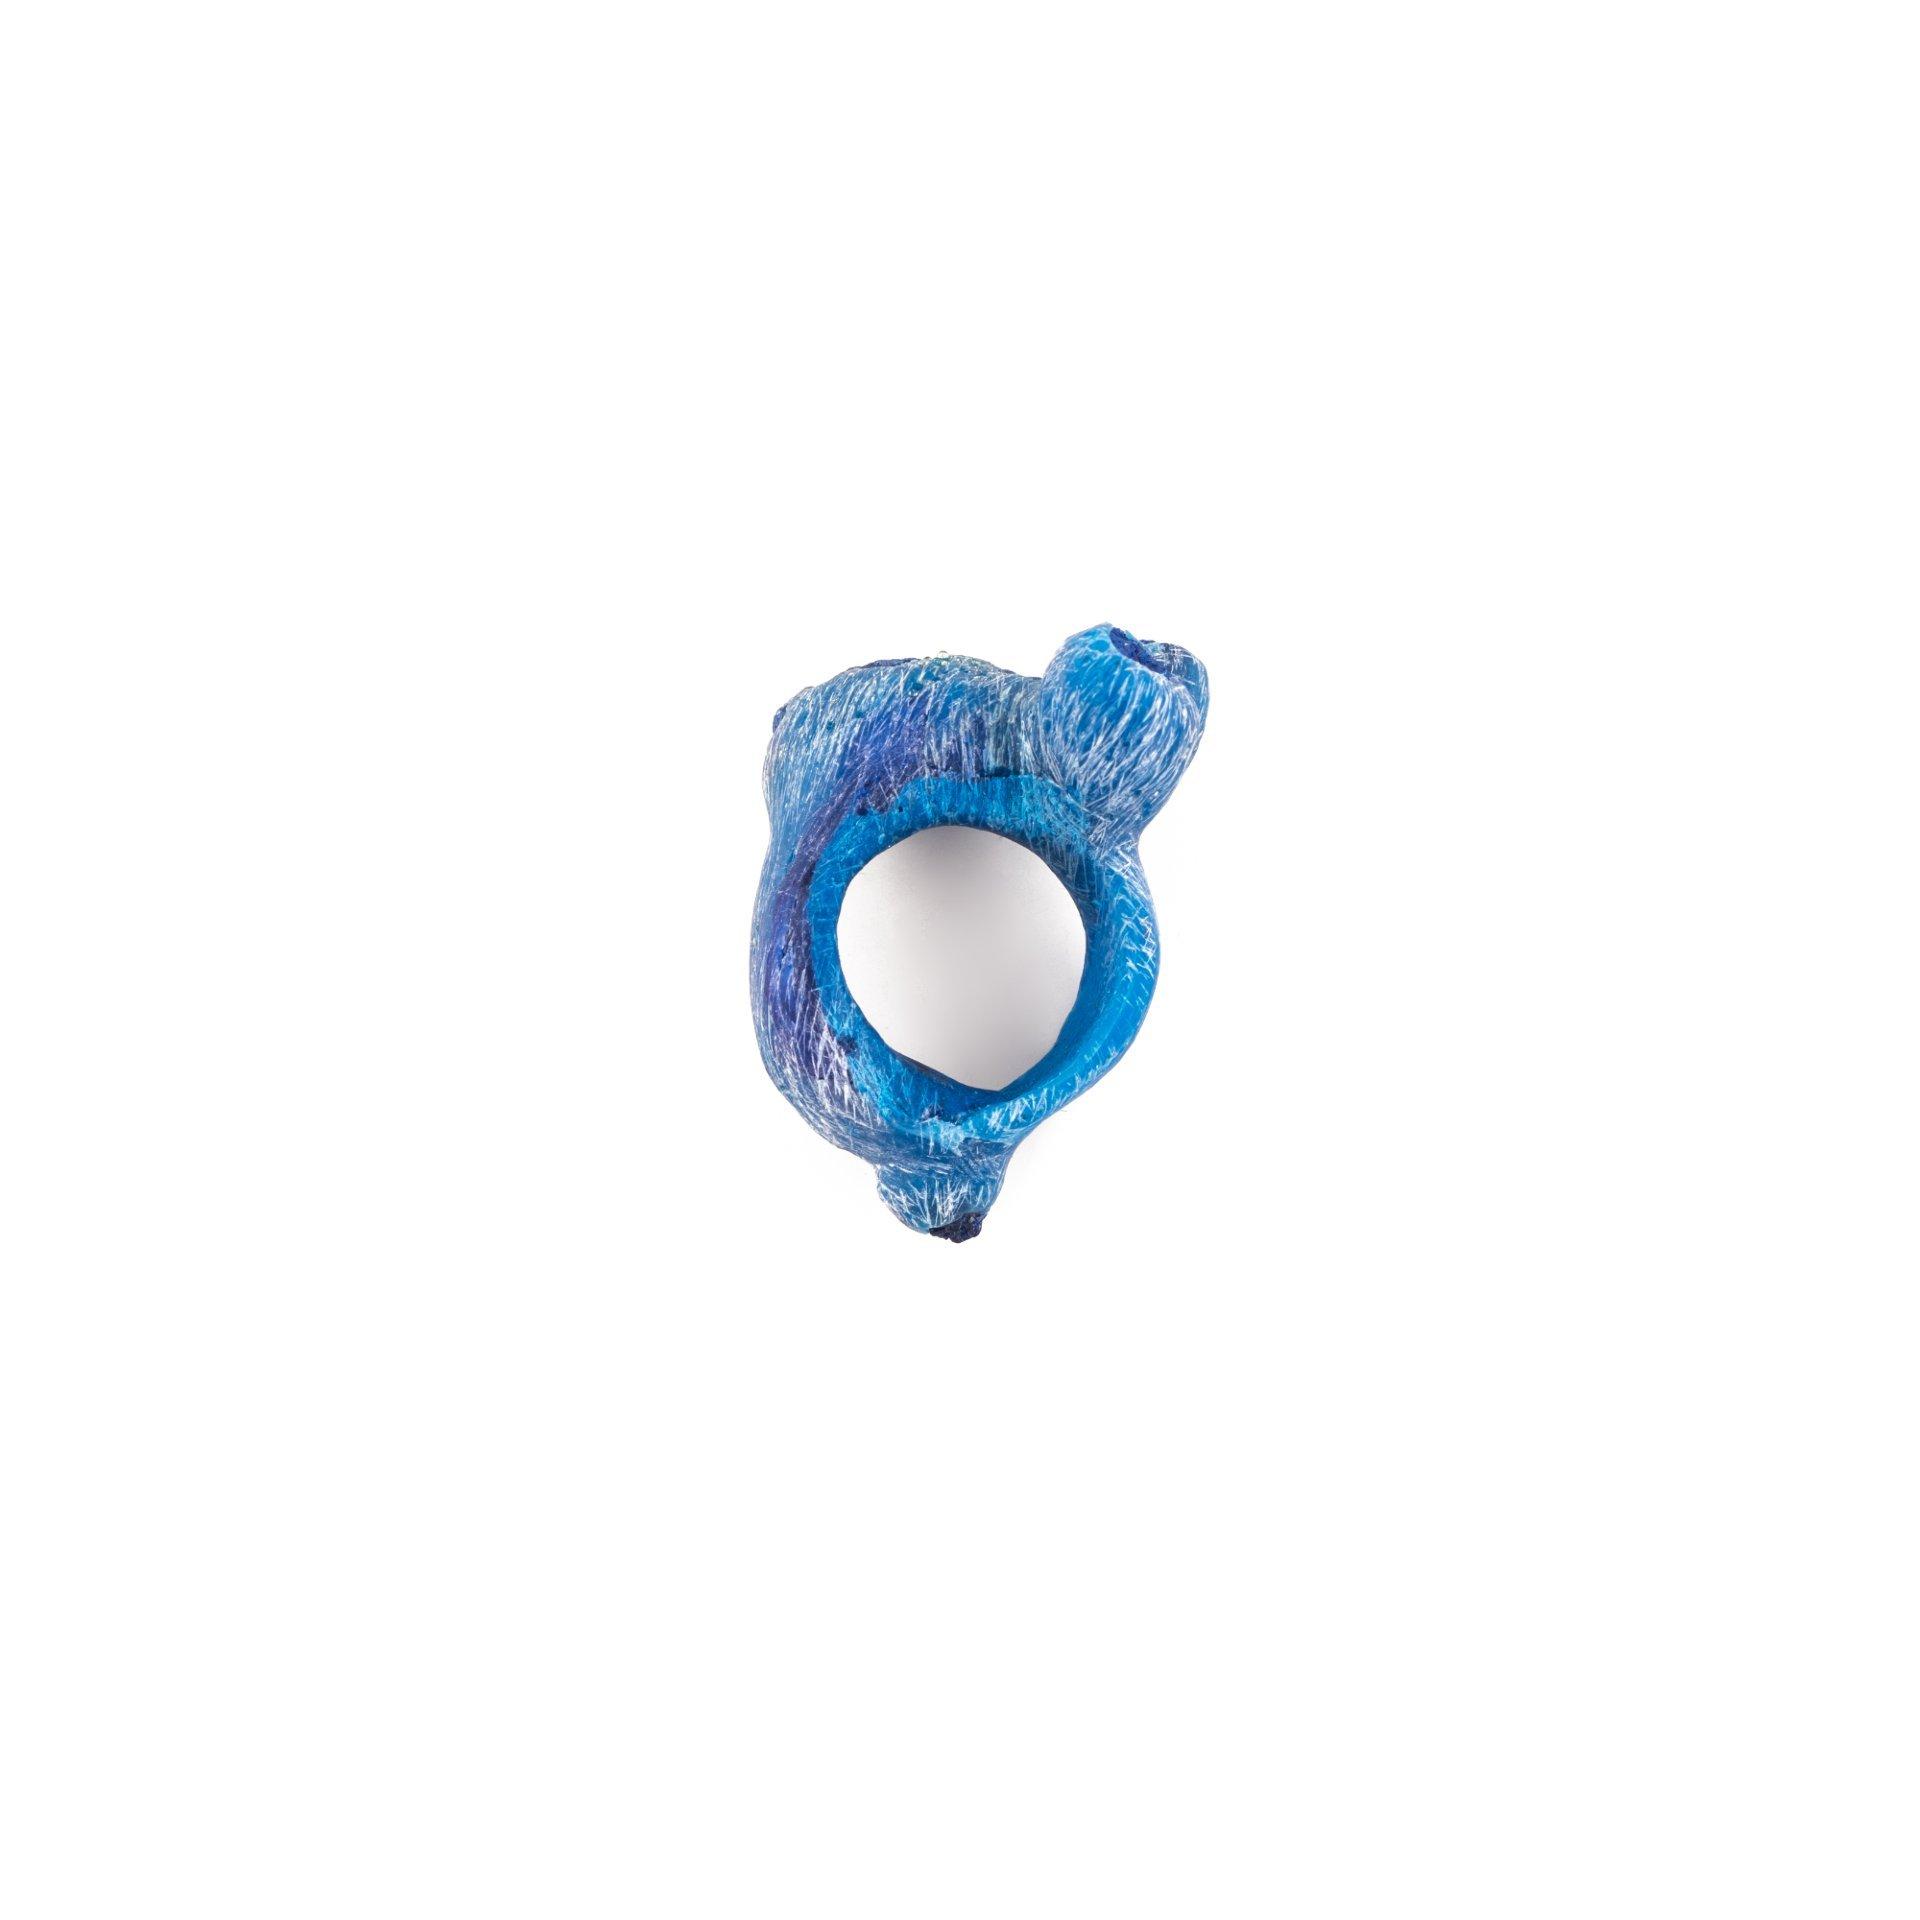 RESIN INTERMEZZO - AZURITE RING NO.1